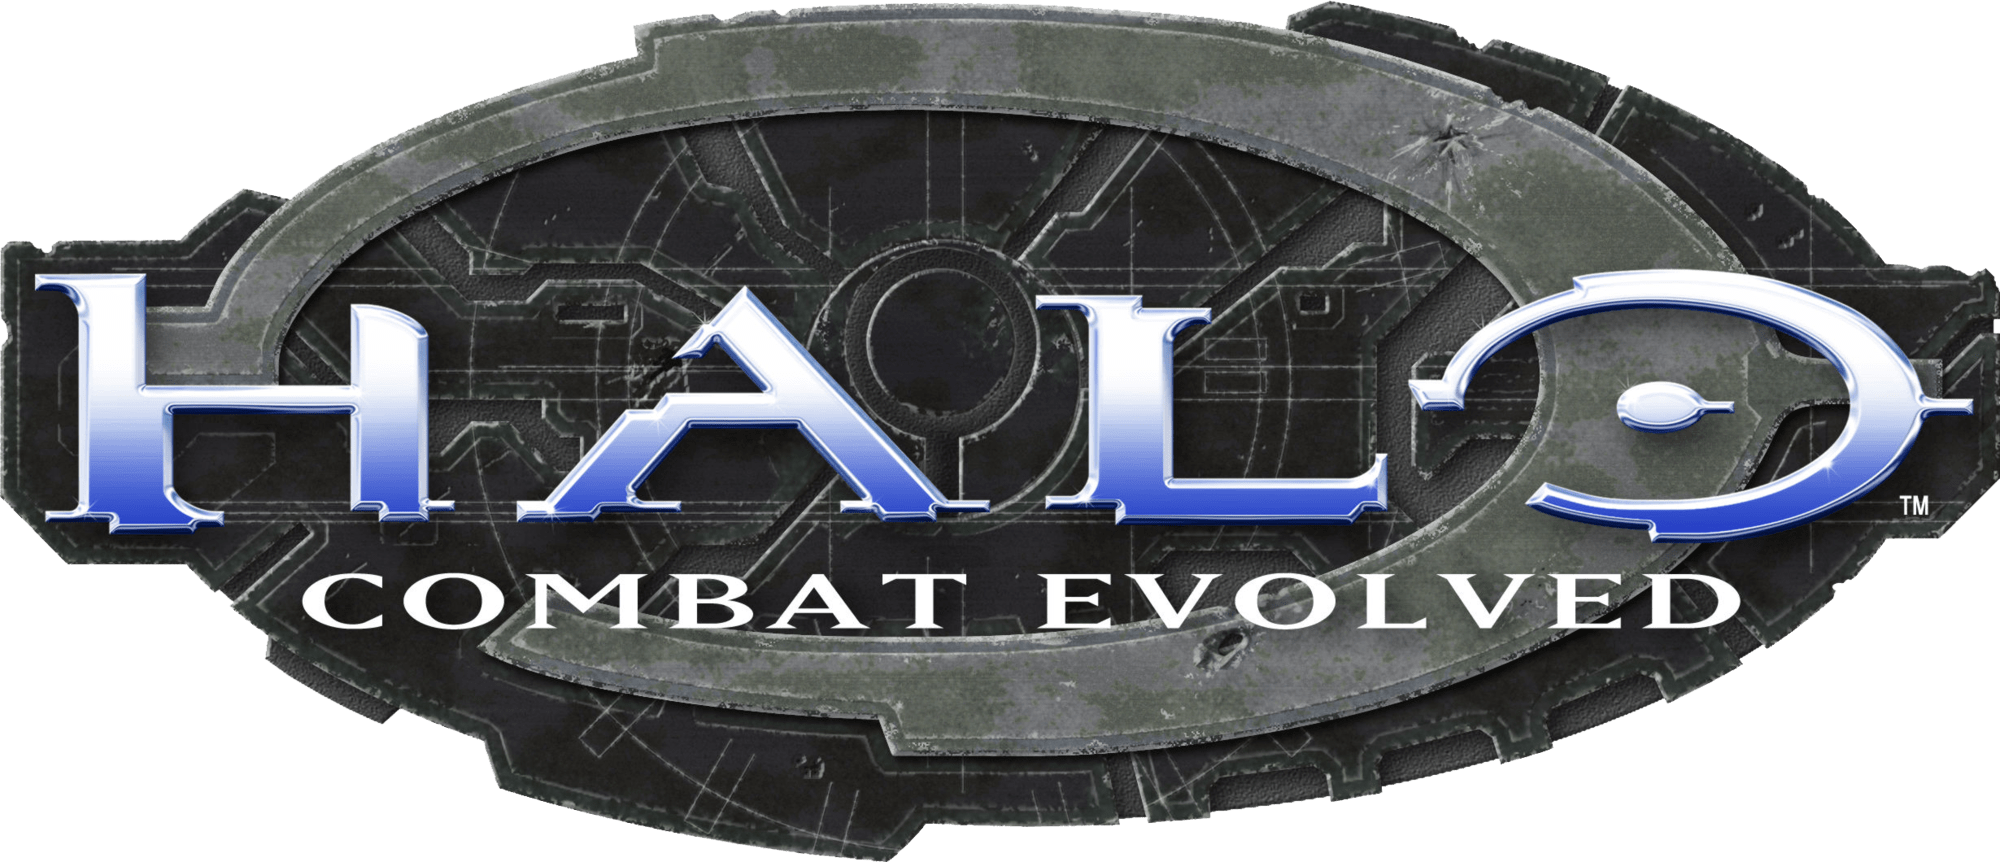 Halo: Combat Evolved (Xbox)